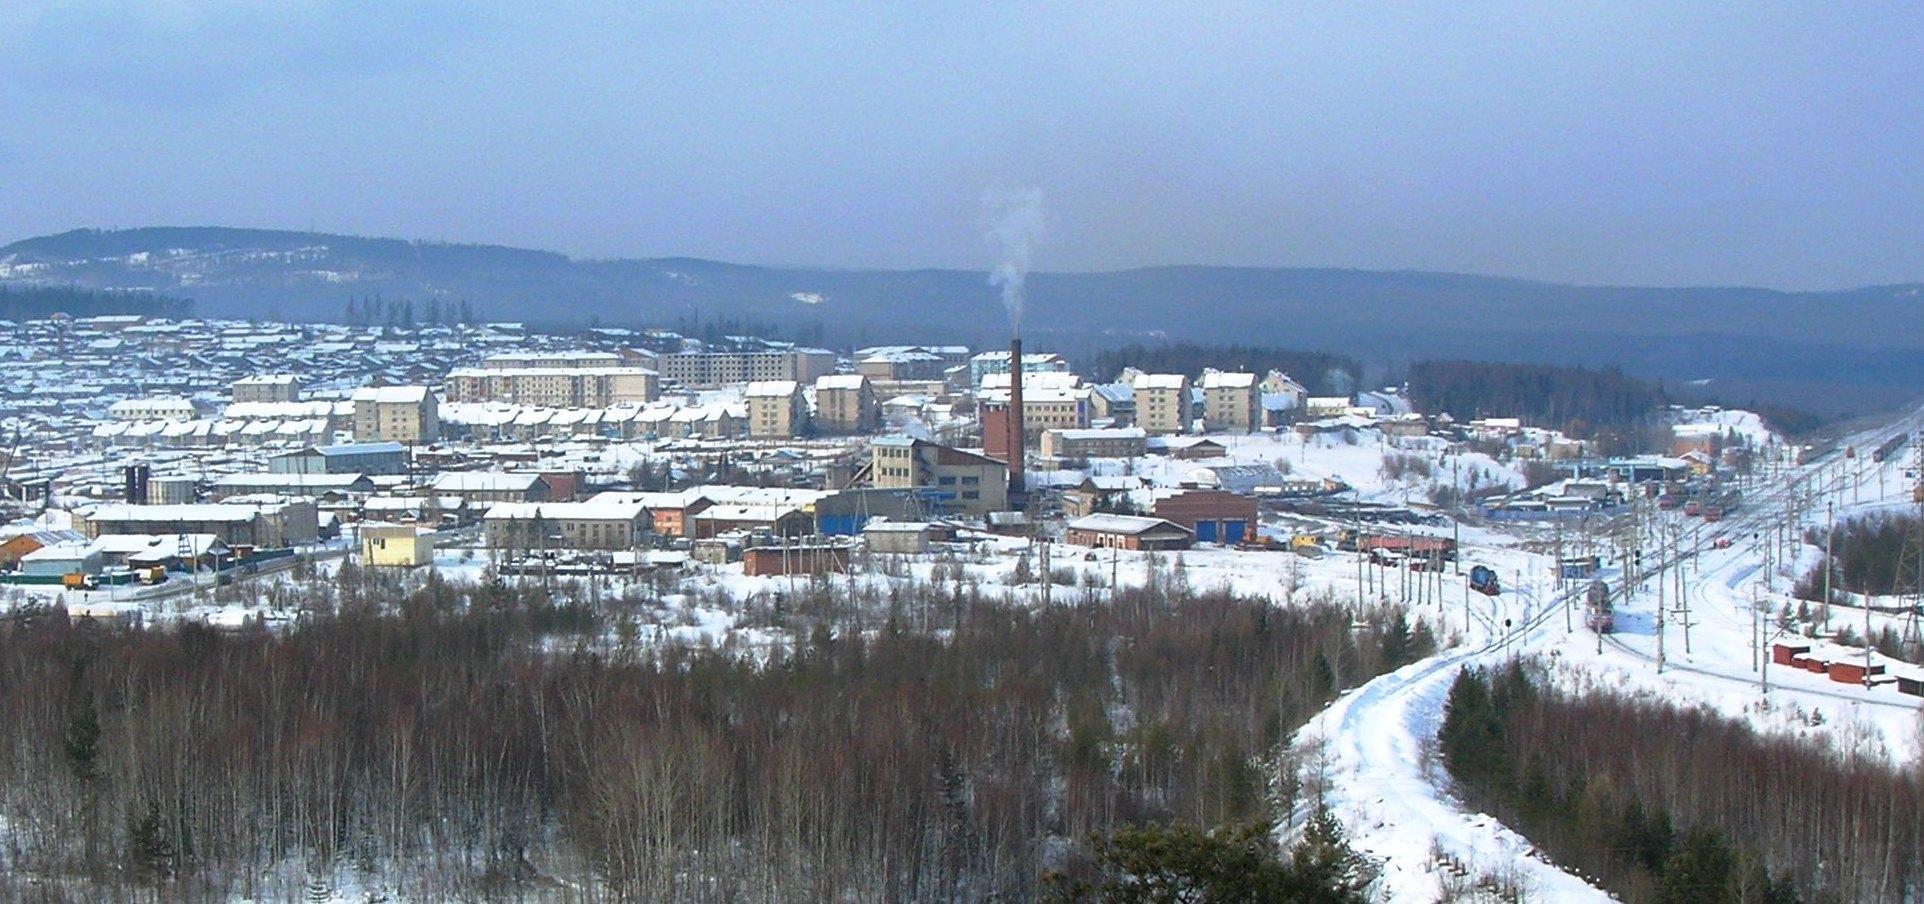 иркутская обл поселок ния фото любого вечера